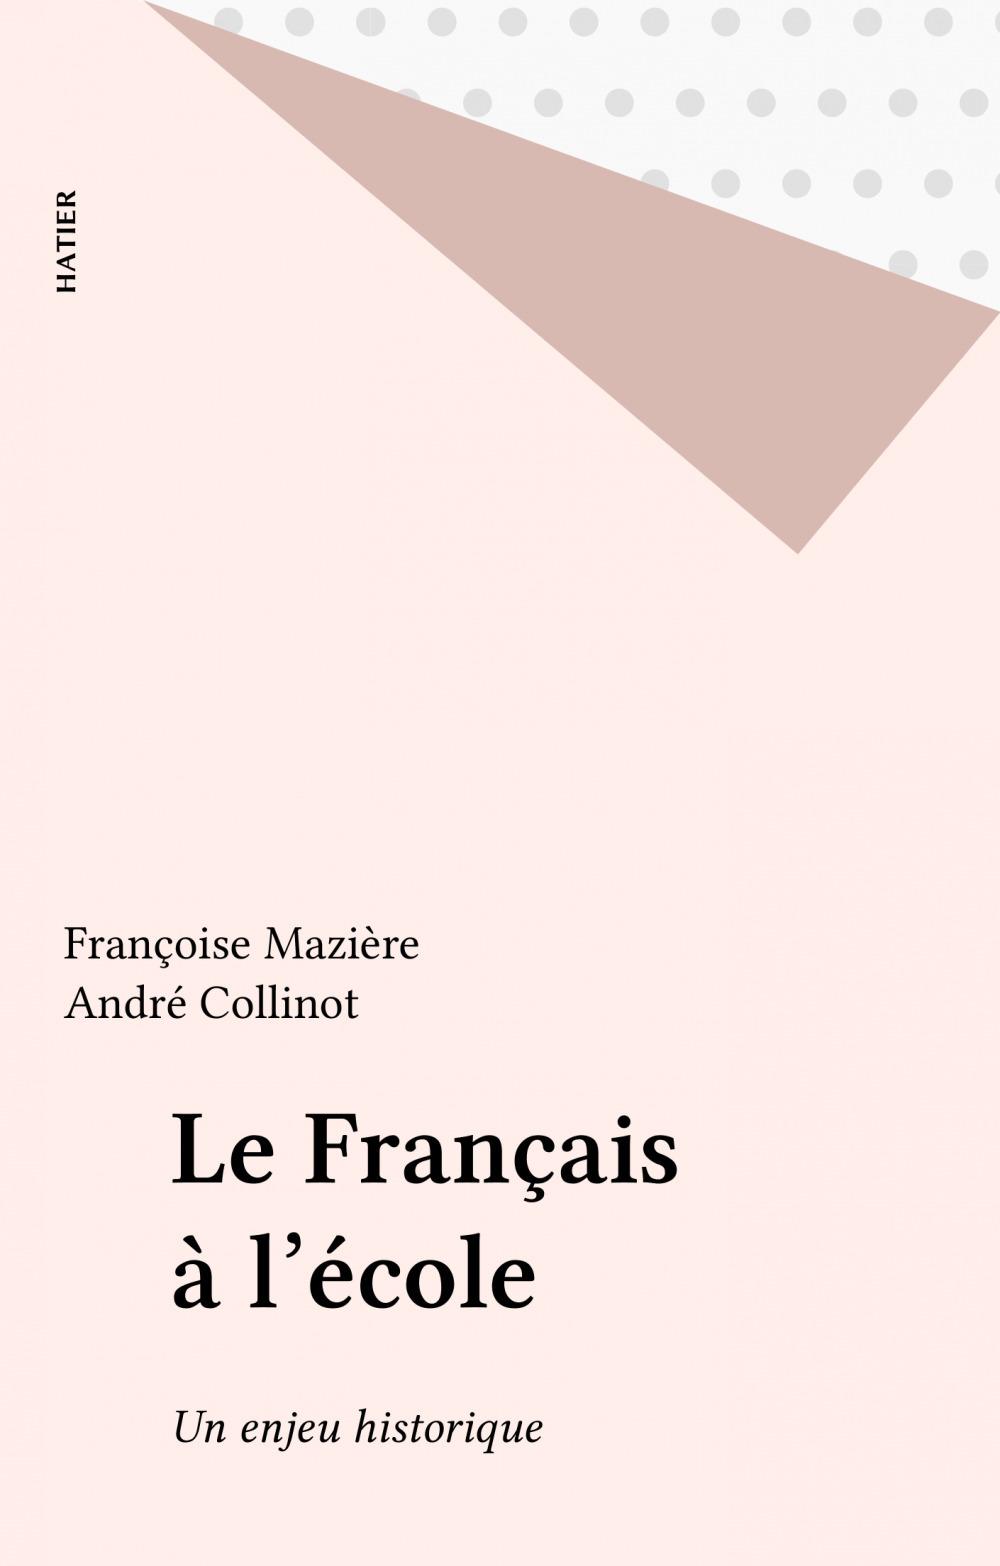 Le franÇais a l'ecole : un enjeu historique